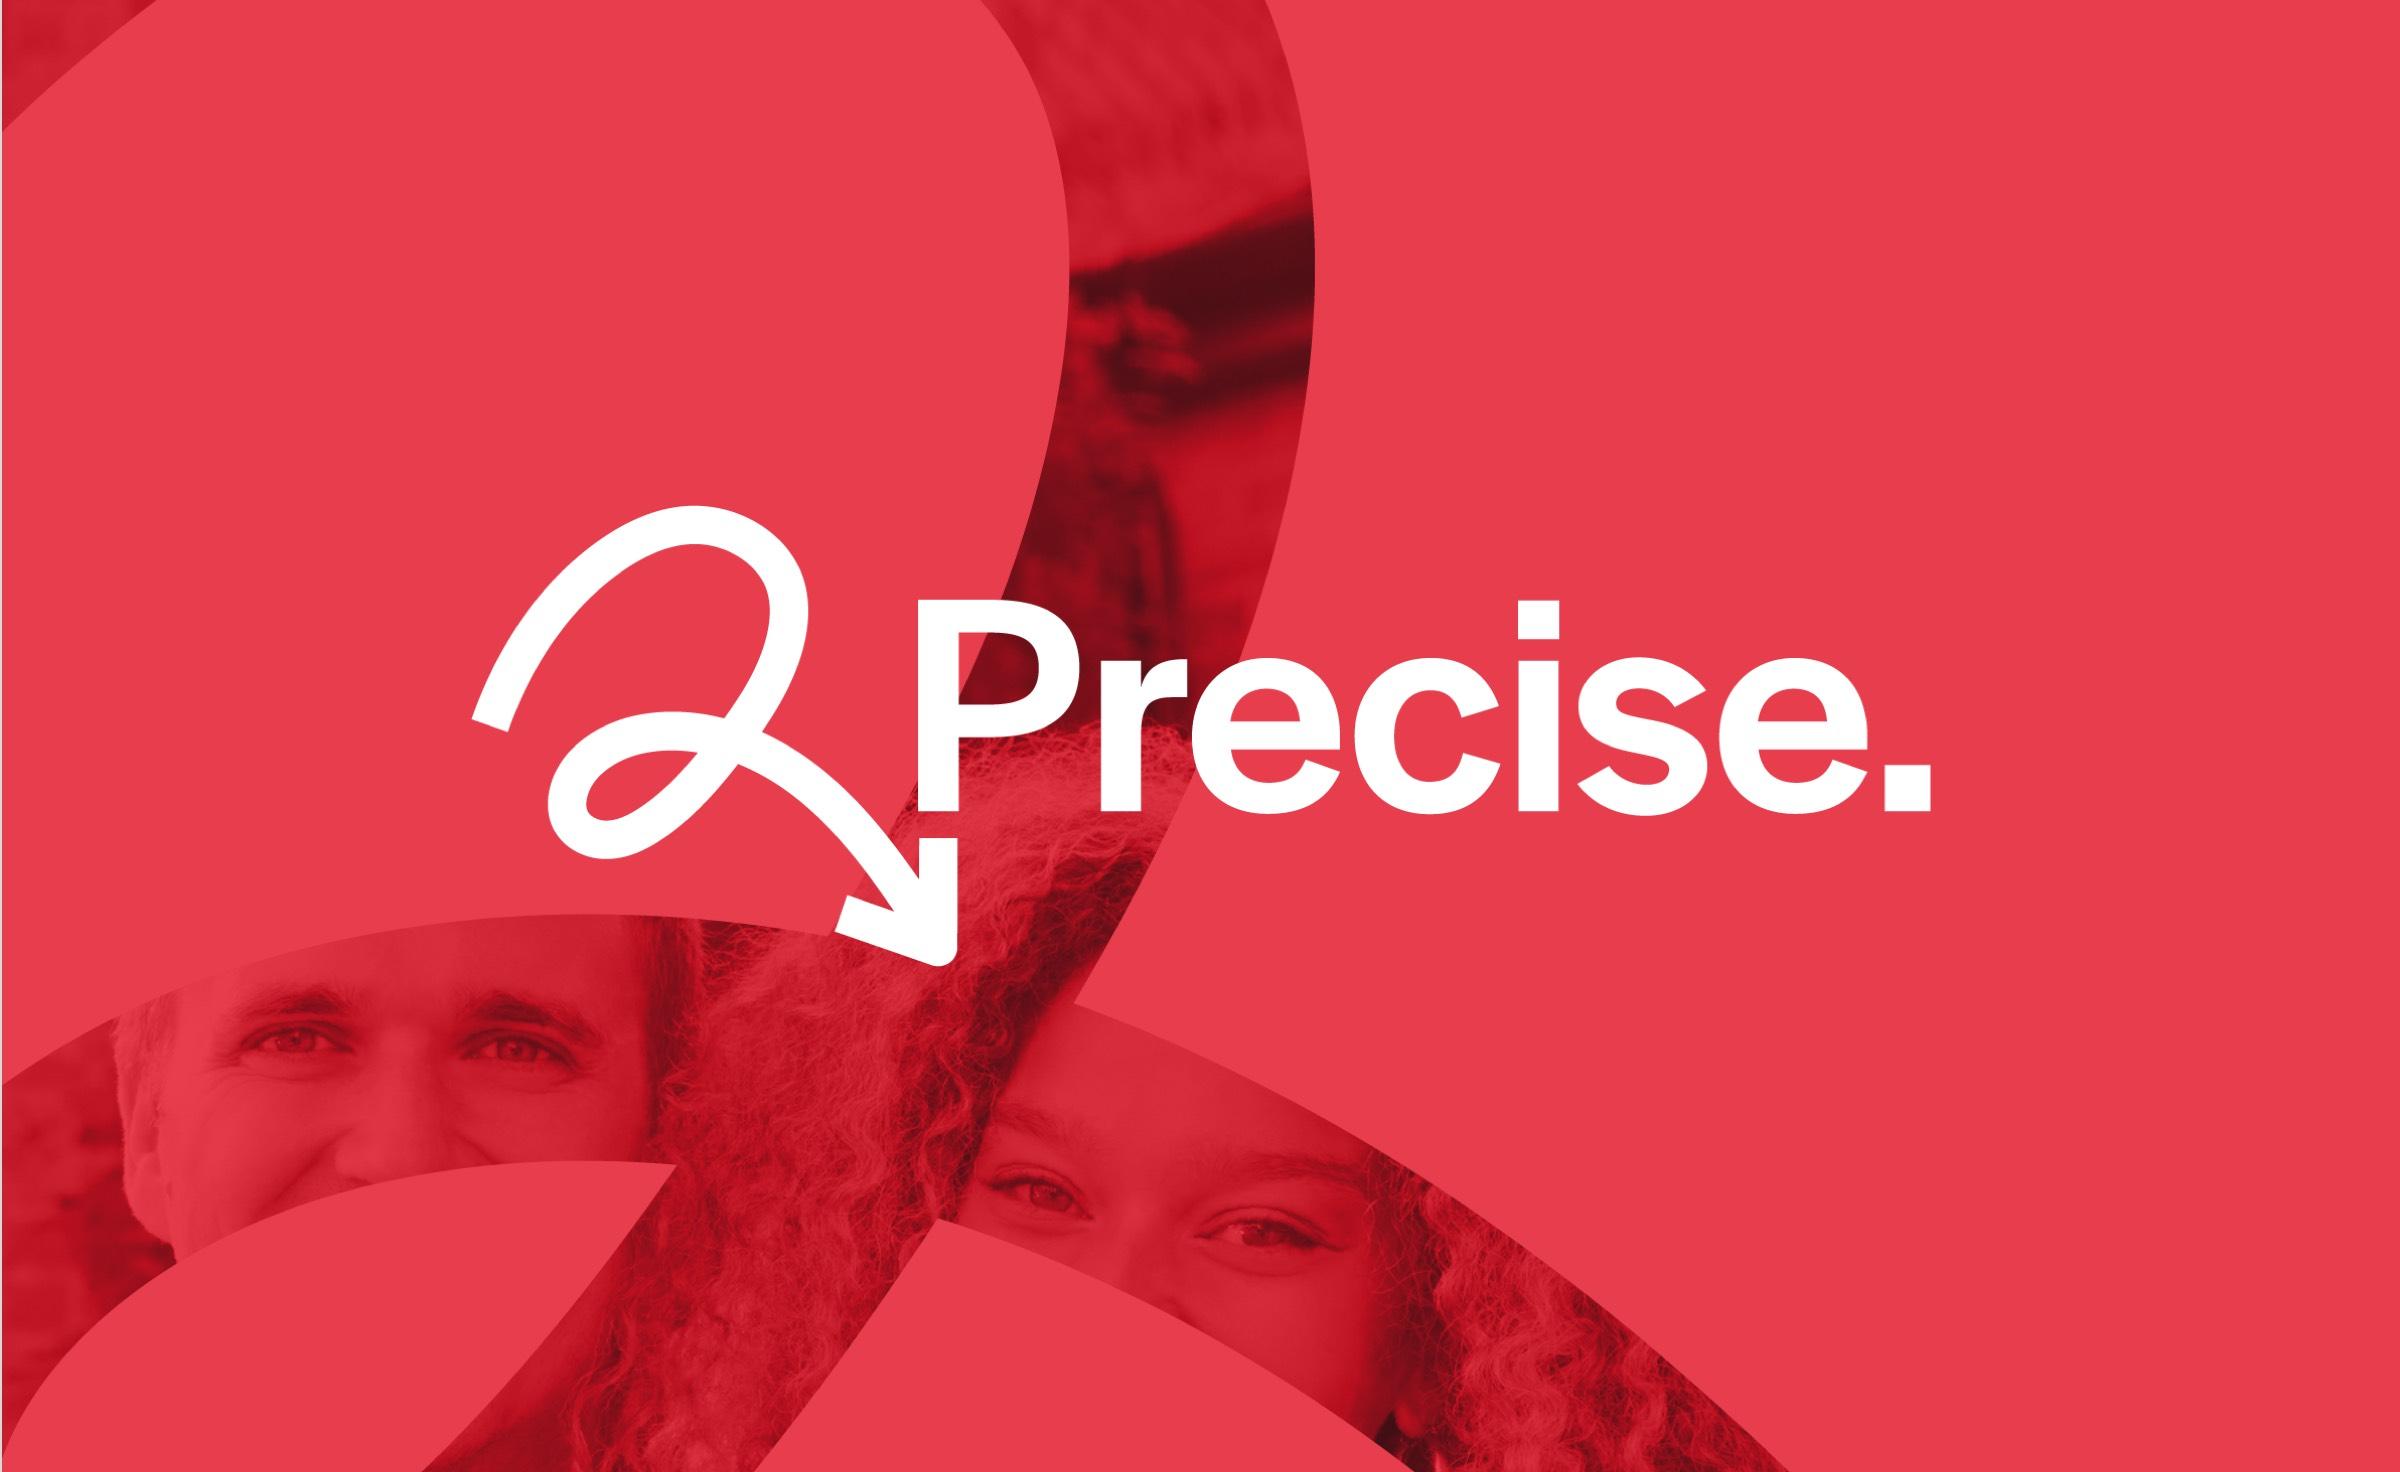 Precise Branding Arrow